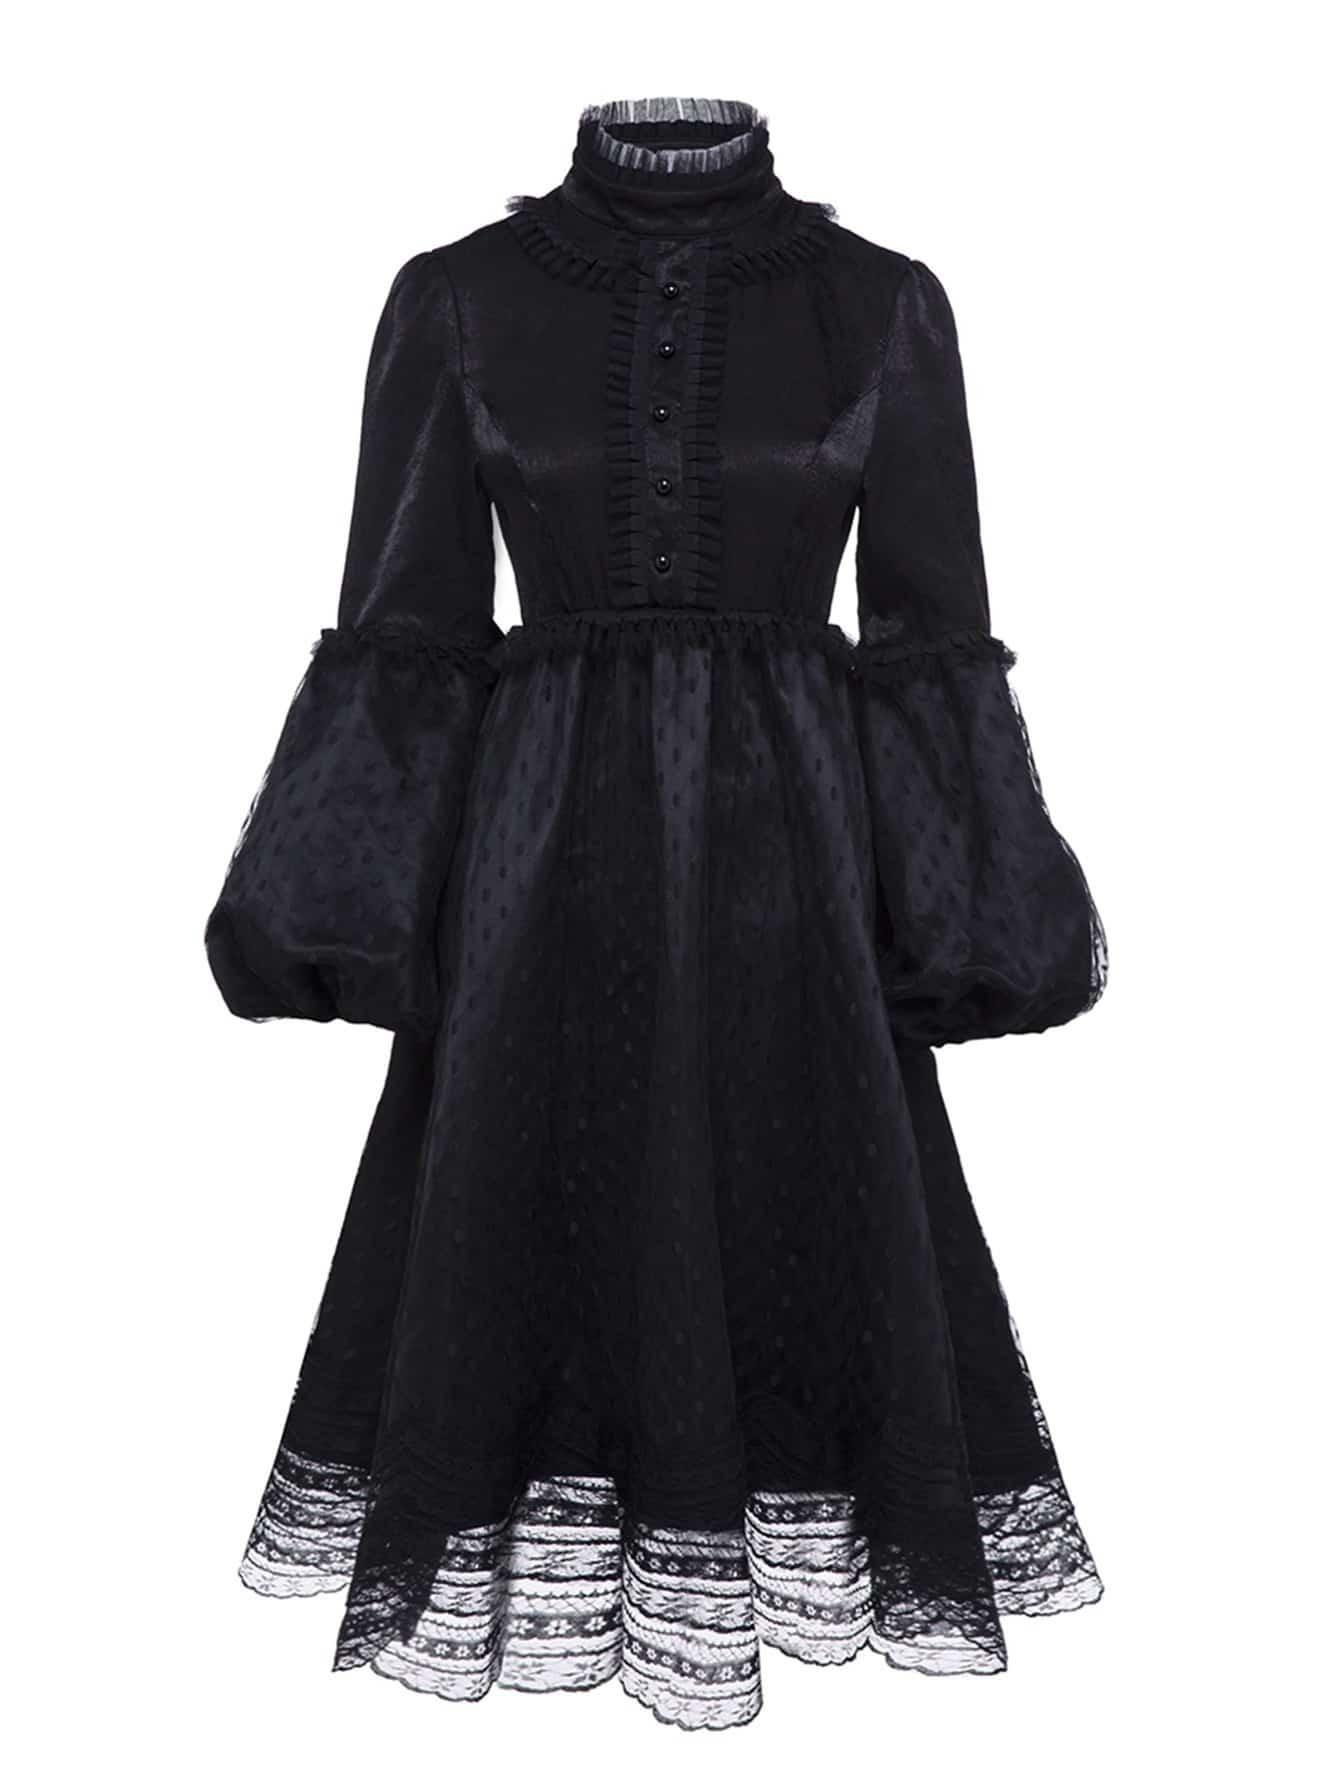 Mesh Contrast Button Front Lace Dress mesh contrast lace top